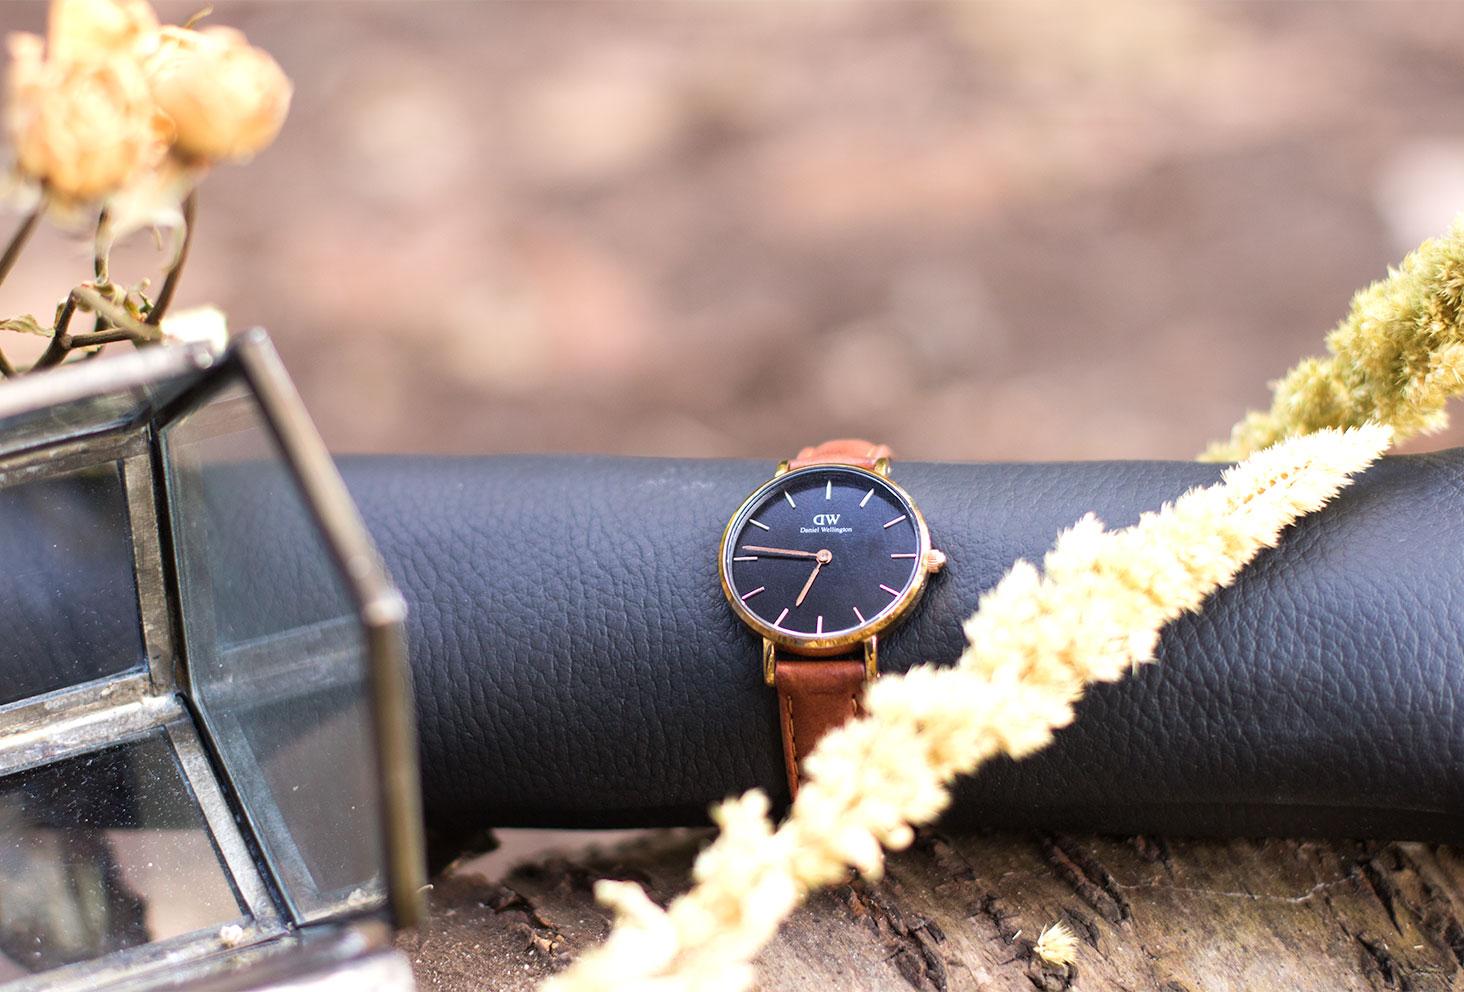 La montre Classic Petite Durham posé sur un coussin noir au milieu de fleurs séchées sur une souche d'arbre dans la forêt